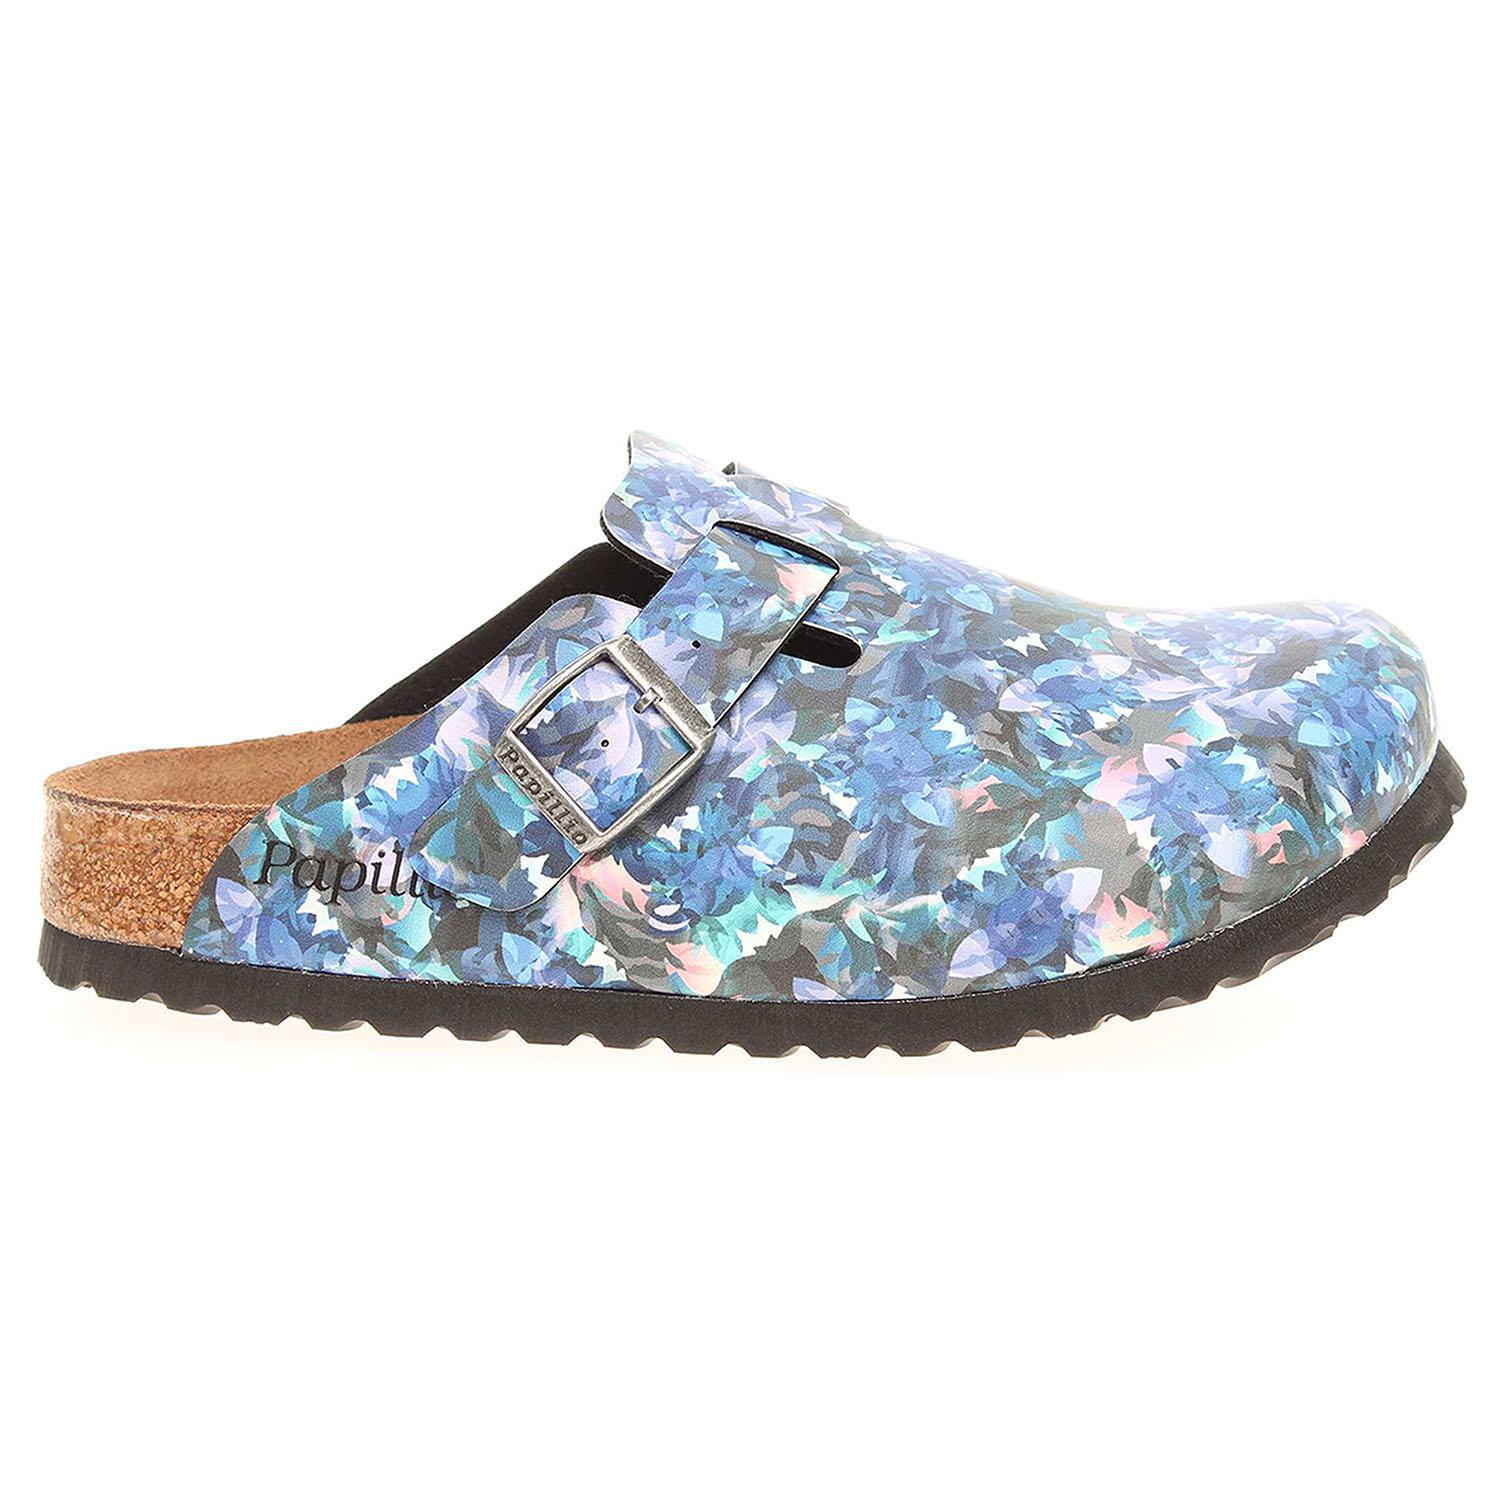 Papillio Boston dámské pantofle 1000729 modré 41